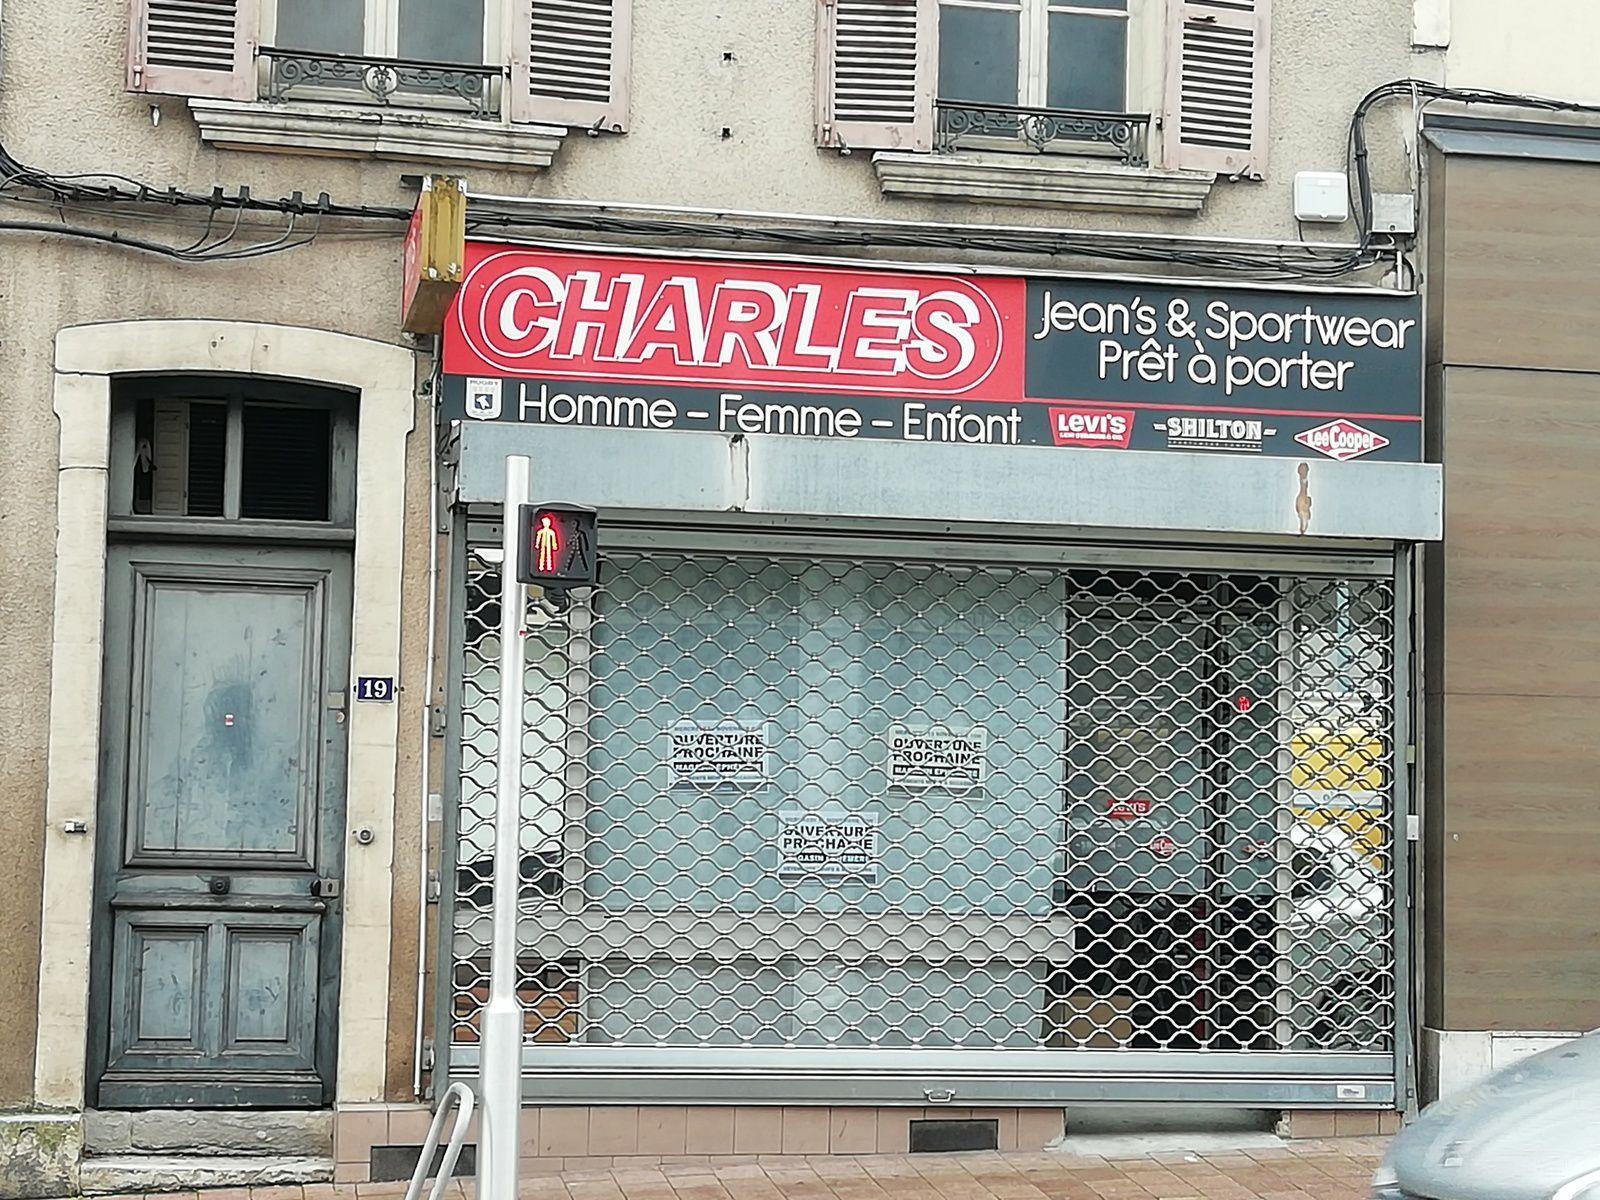 Un magasin éphémère de vêtements chez ex-Charles